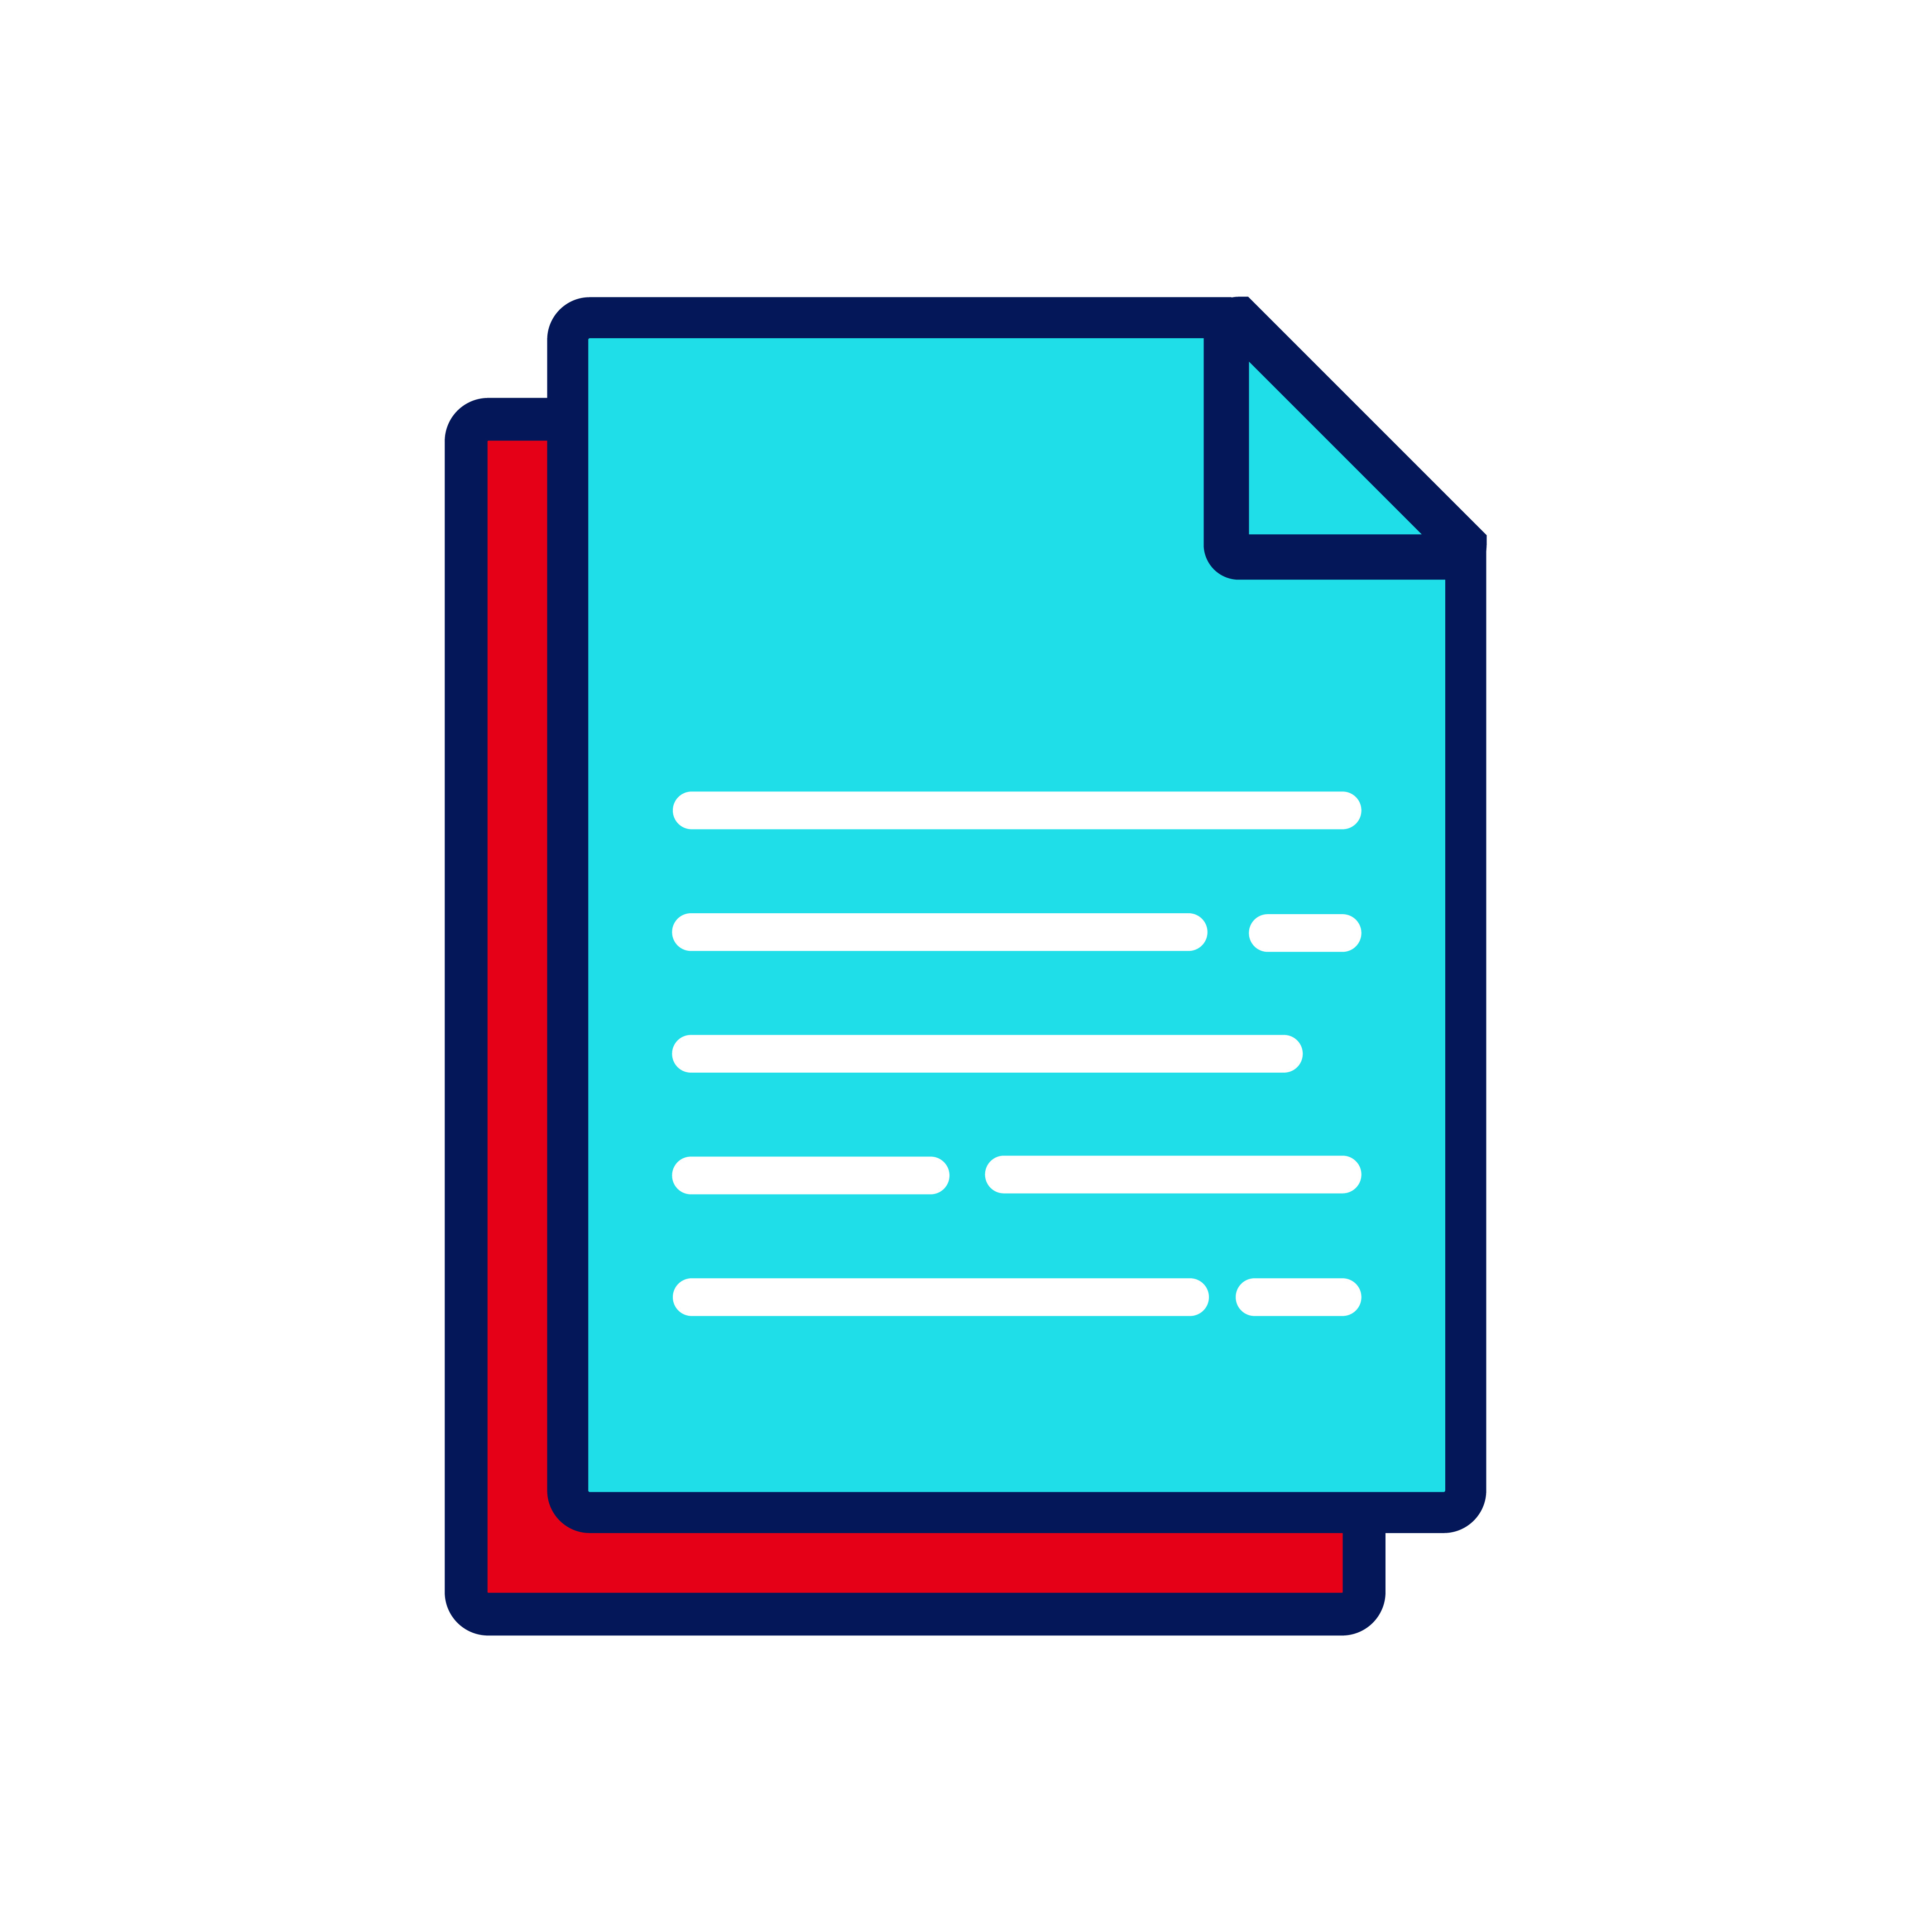 icones_Intro_1-Comunicado